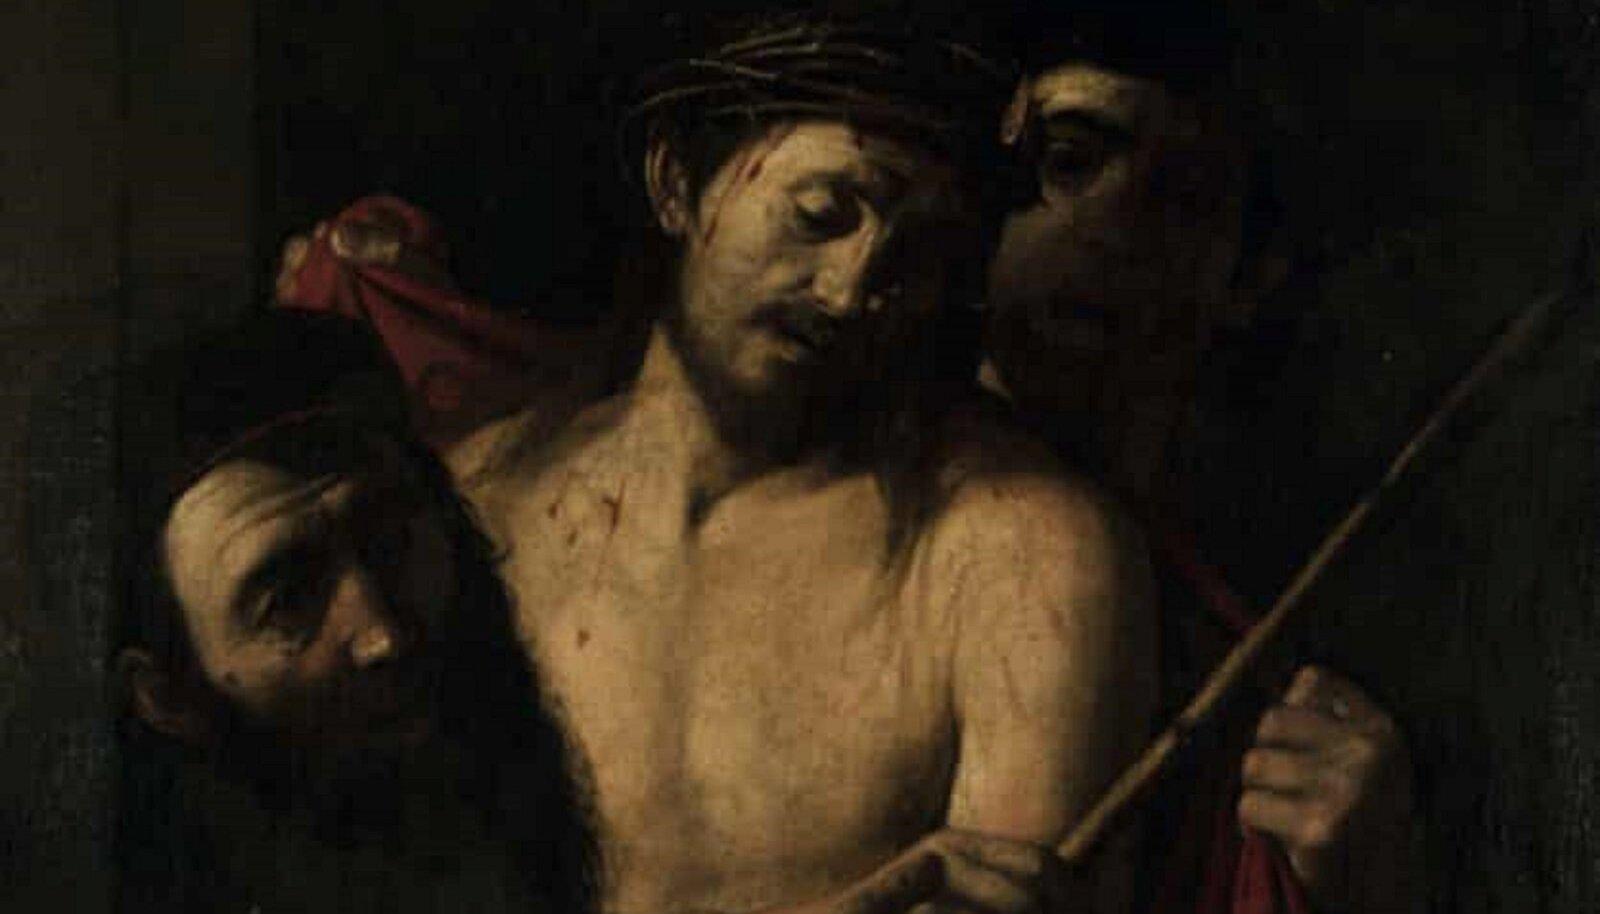 """""""OKASTEGA KROONIMINE"""": Kas see võib olla Caravaggio maal?"""